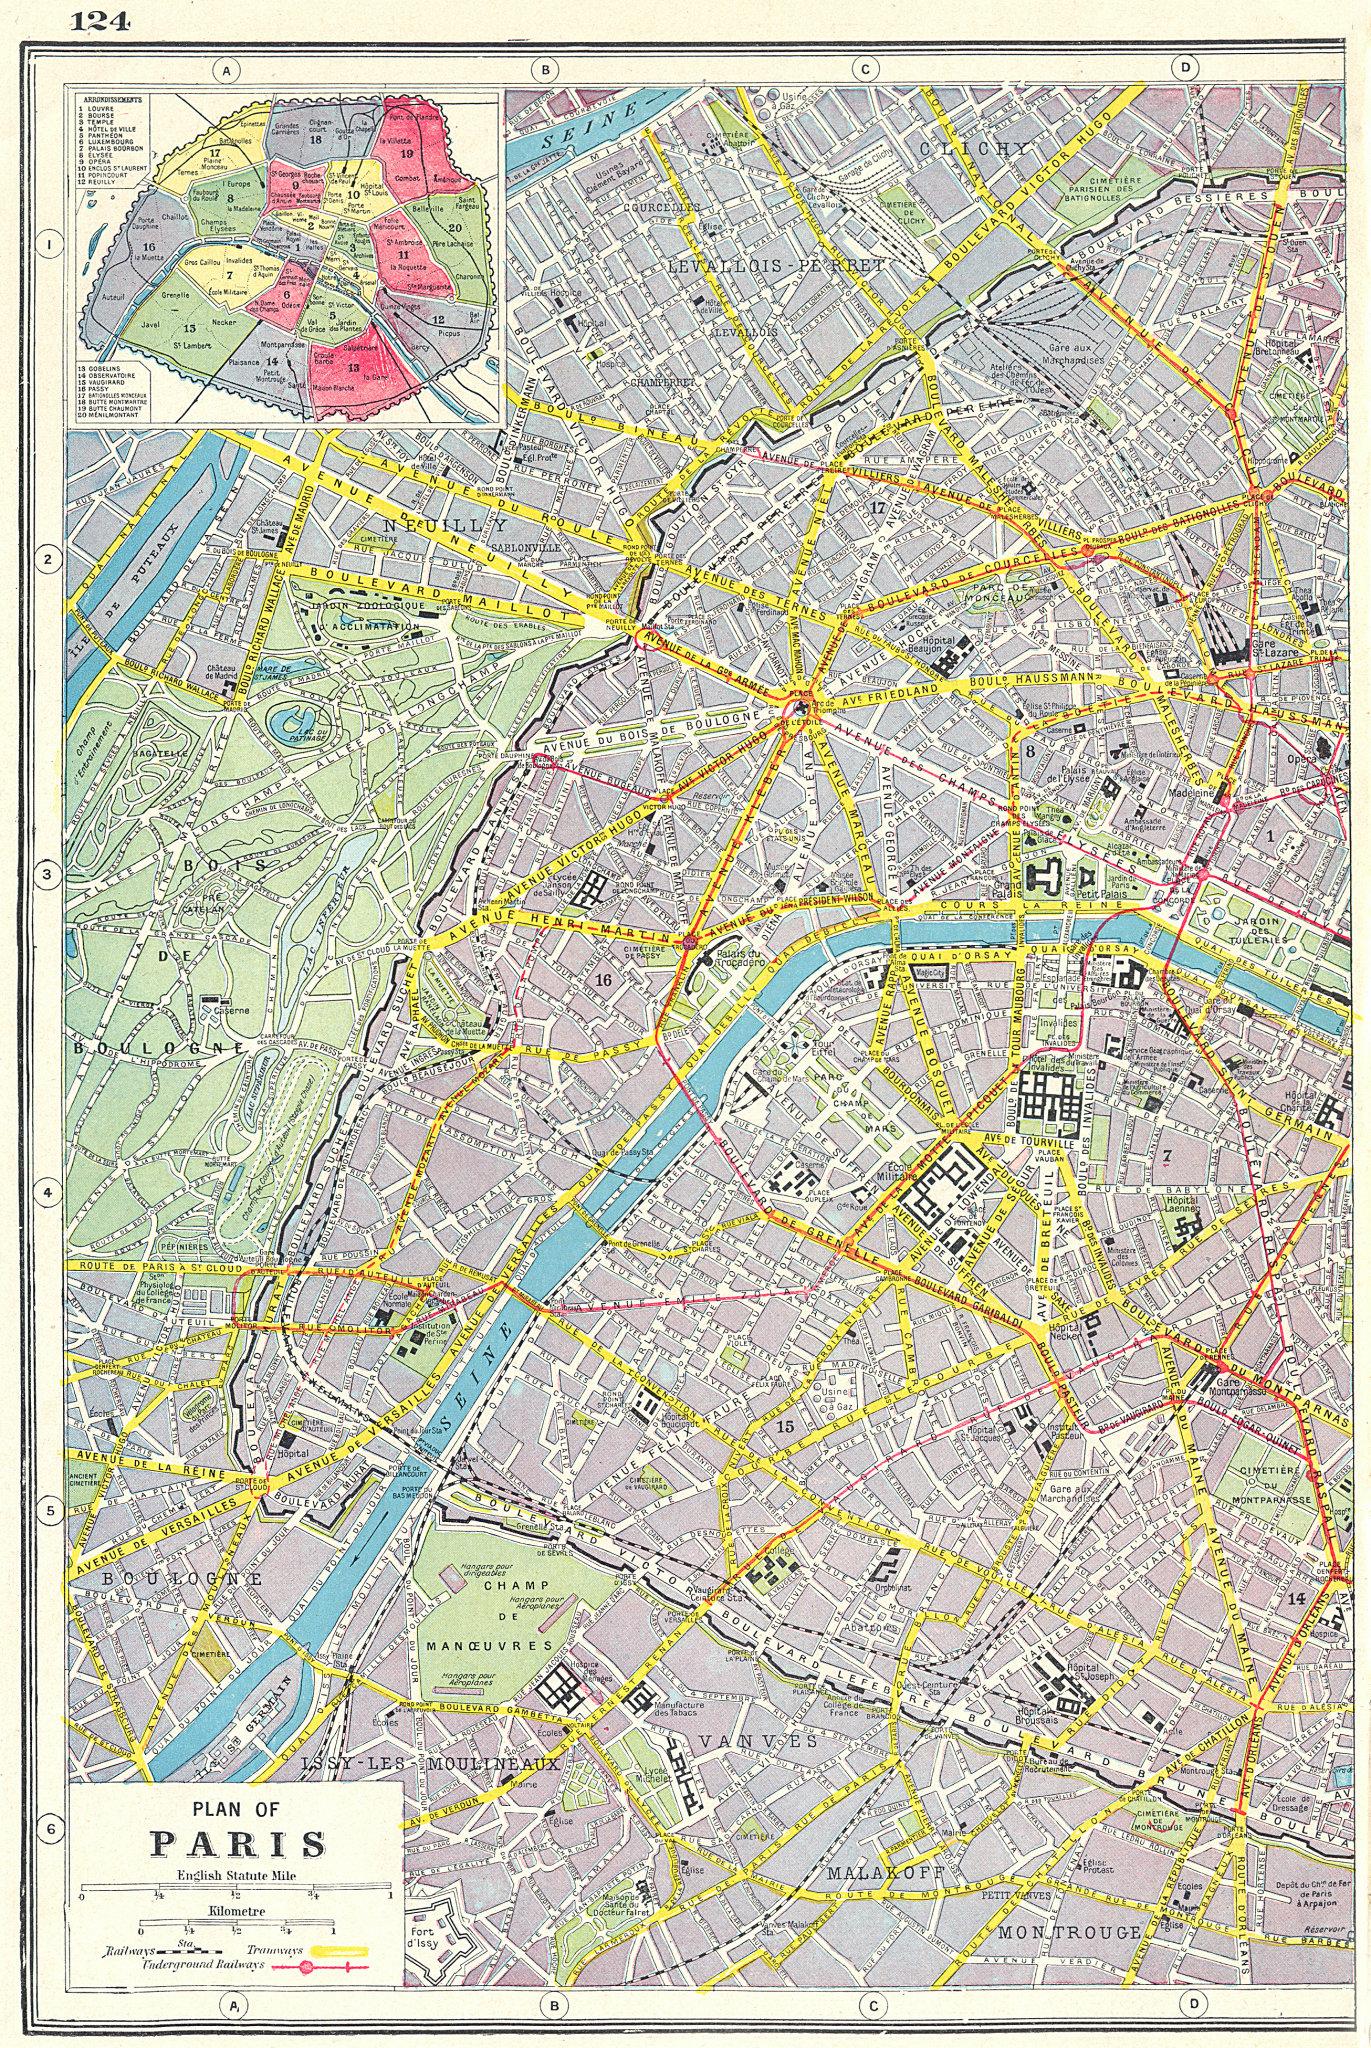 Associate Product PARIS WEST. Plan of Paris west sheet; inset Arrondissements 1920 old map